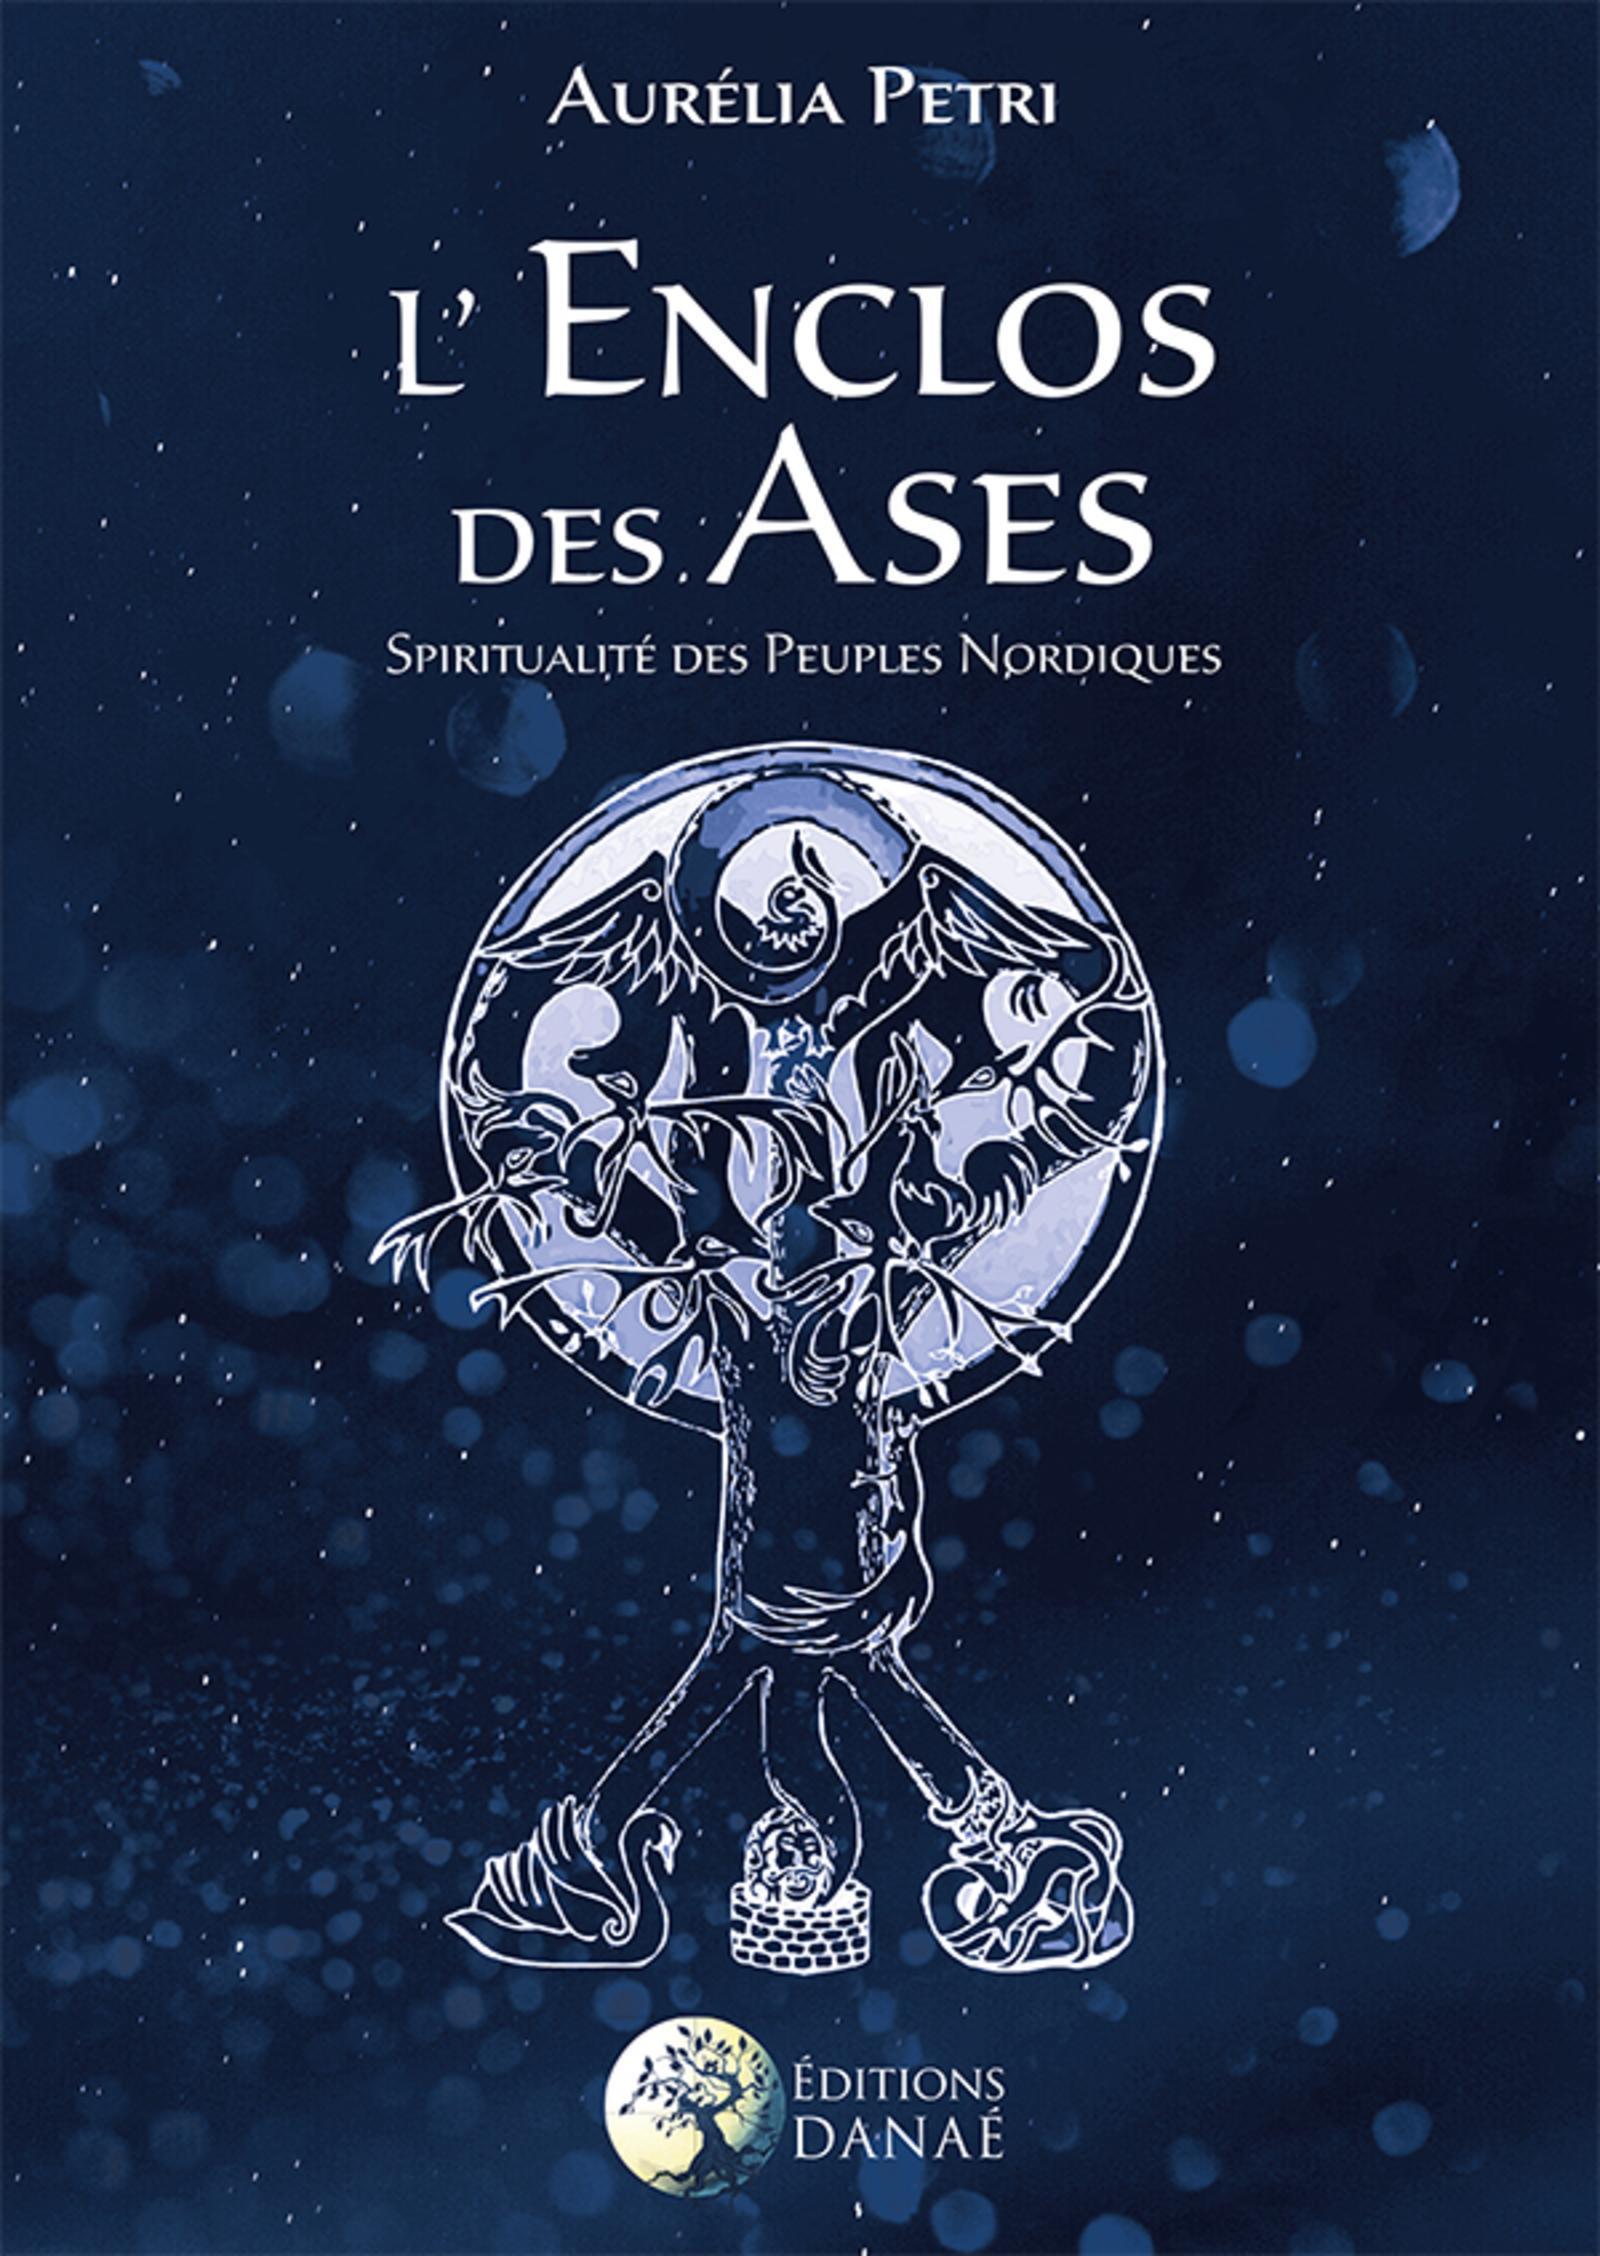 L ENCLOS DES ASES - SPIRITUALITE DES PEUPLES NORDIQUES